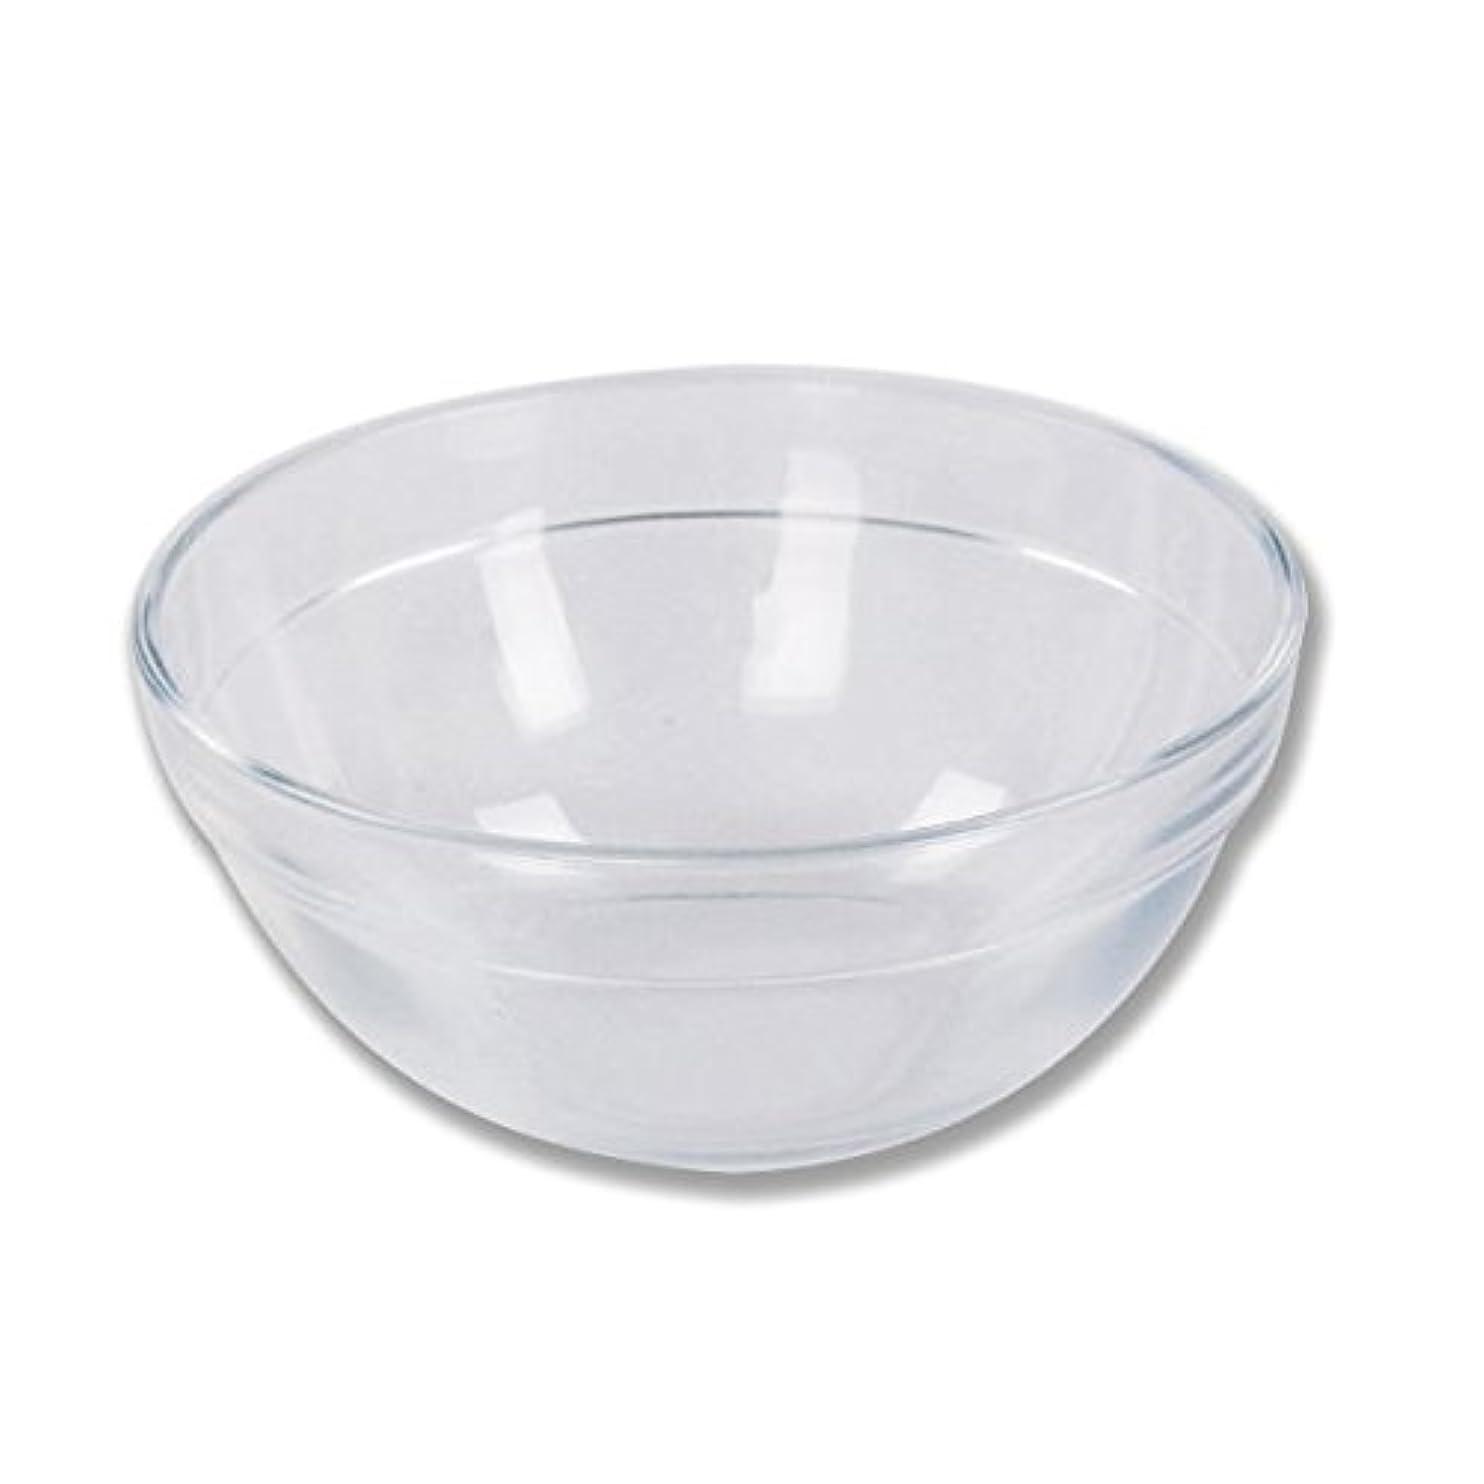 収縮牛皮ガラスボウル (XLサイズ) [ ガラスボール カップボウル カップボール エステ サロン ガラス ボウル カップ 高級感 ]